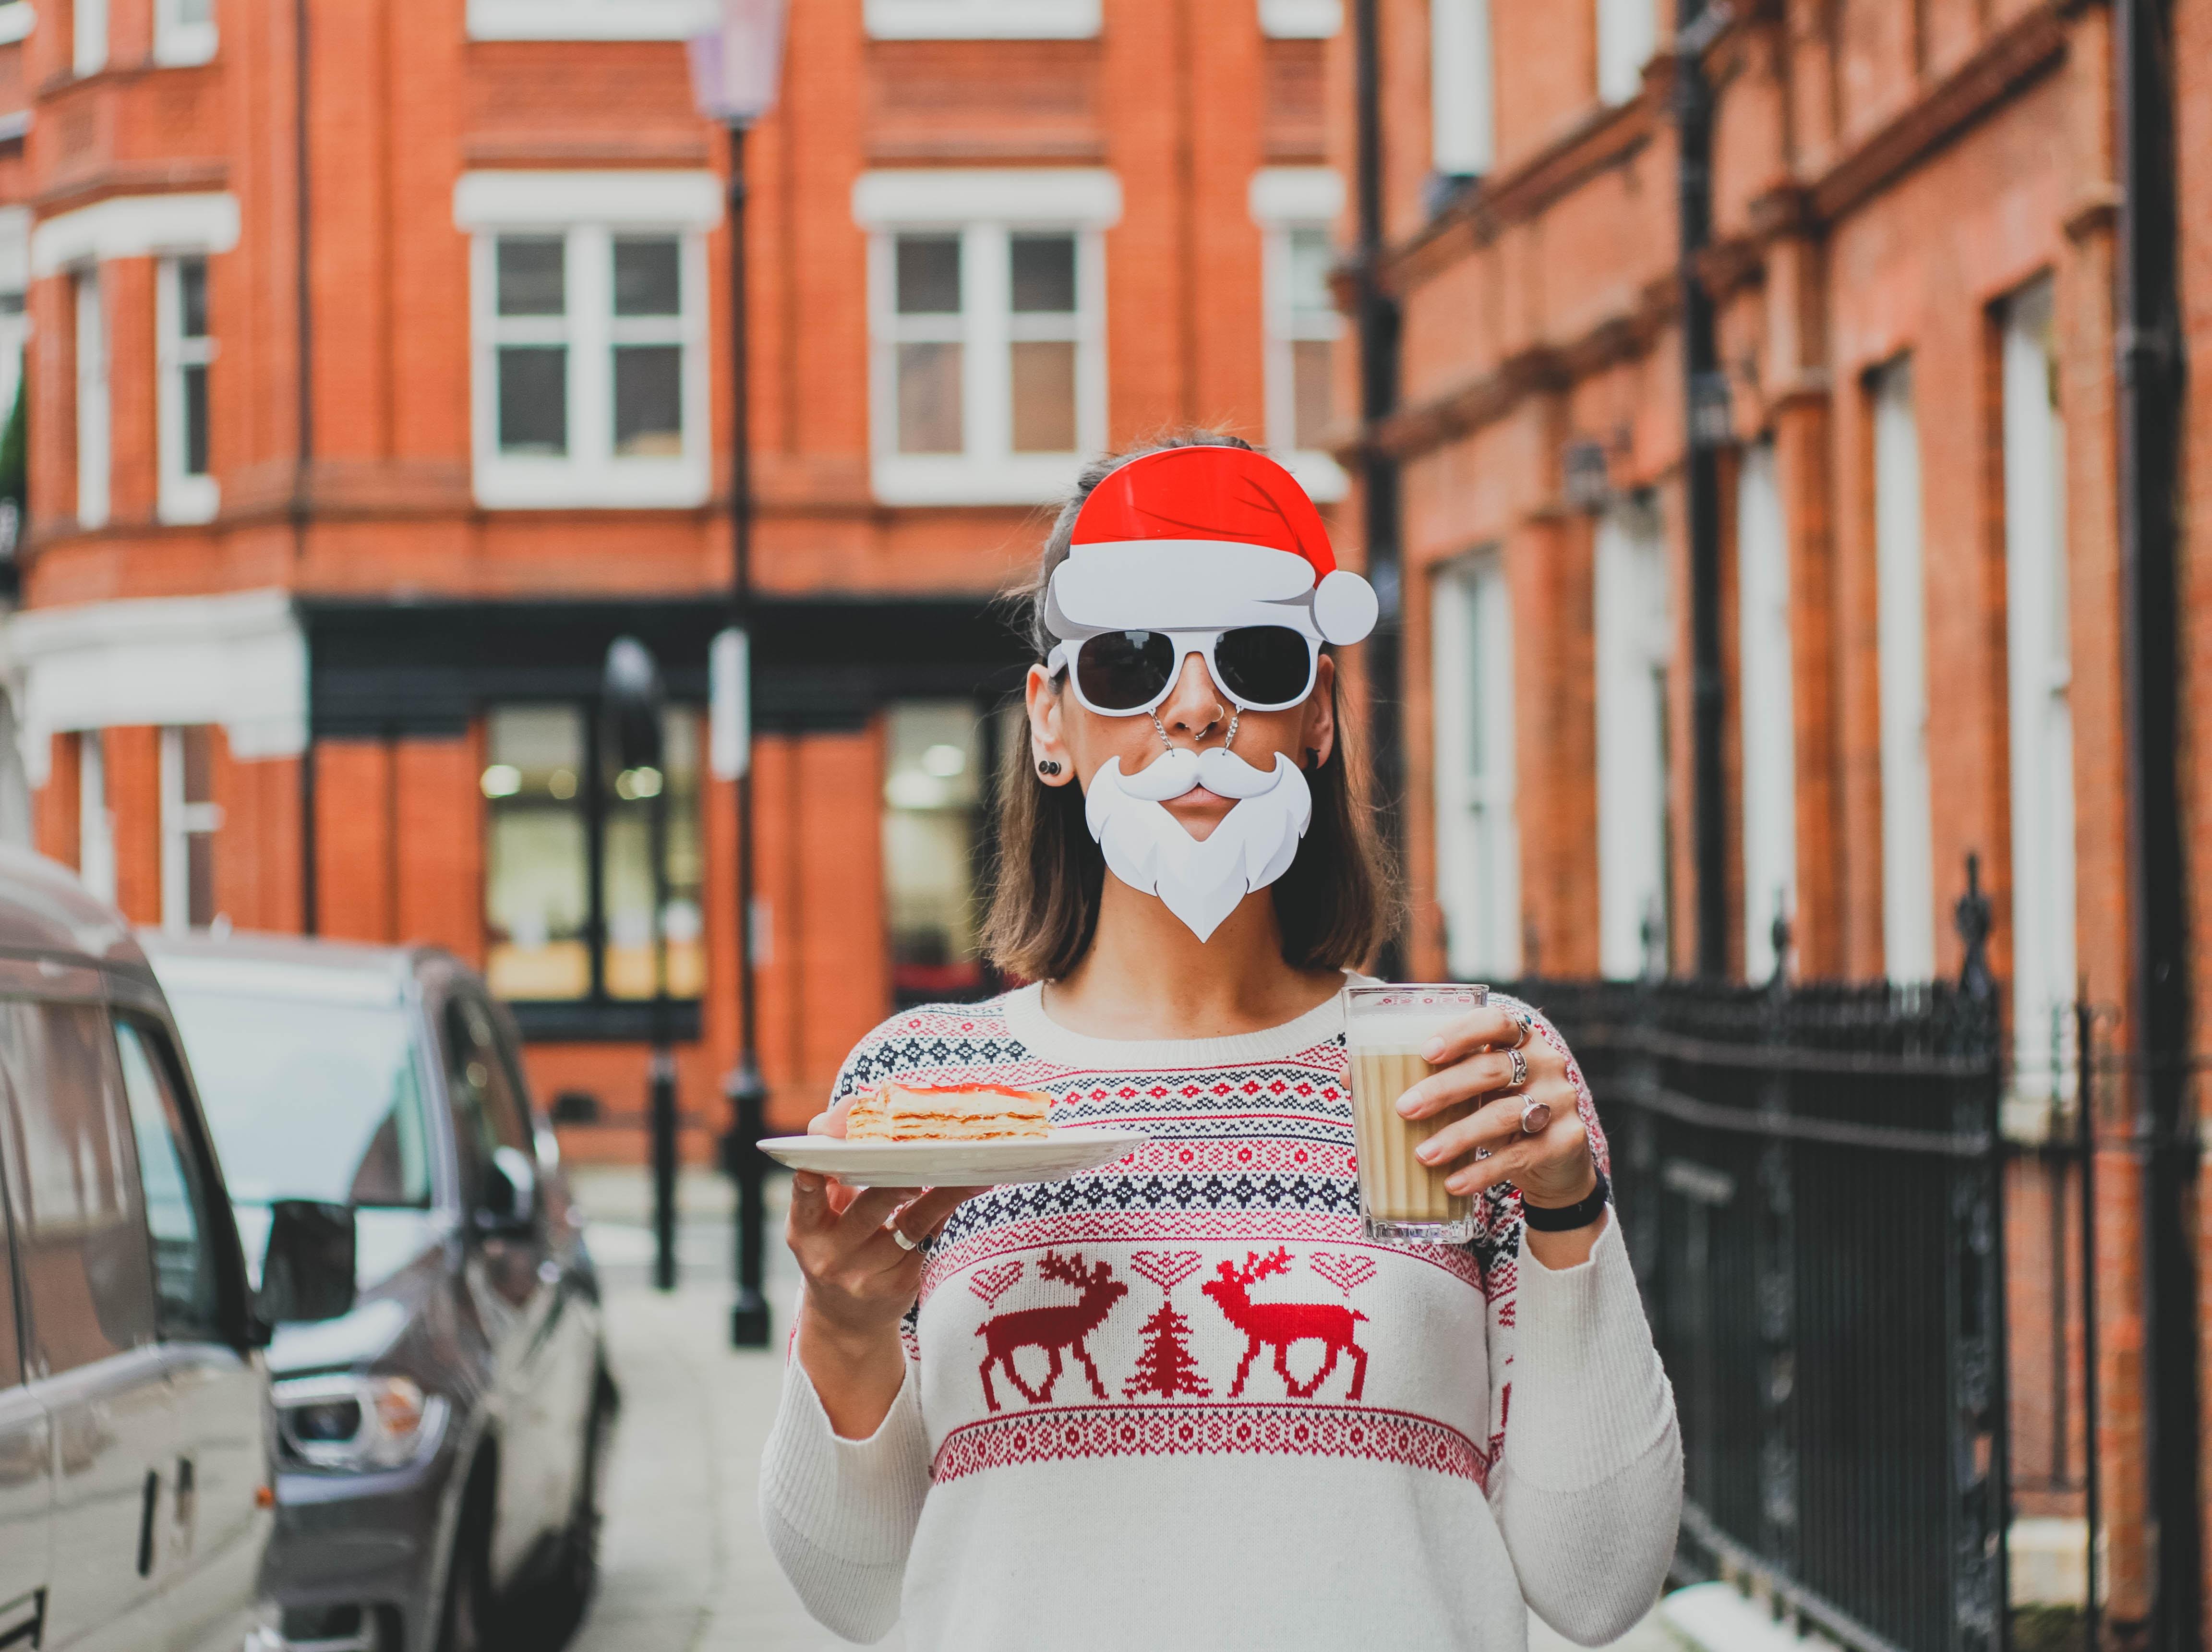 Kerst-Outfit Tips! - Interview door Radio FunX